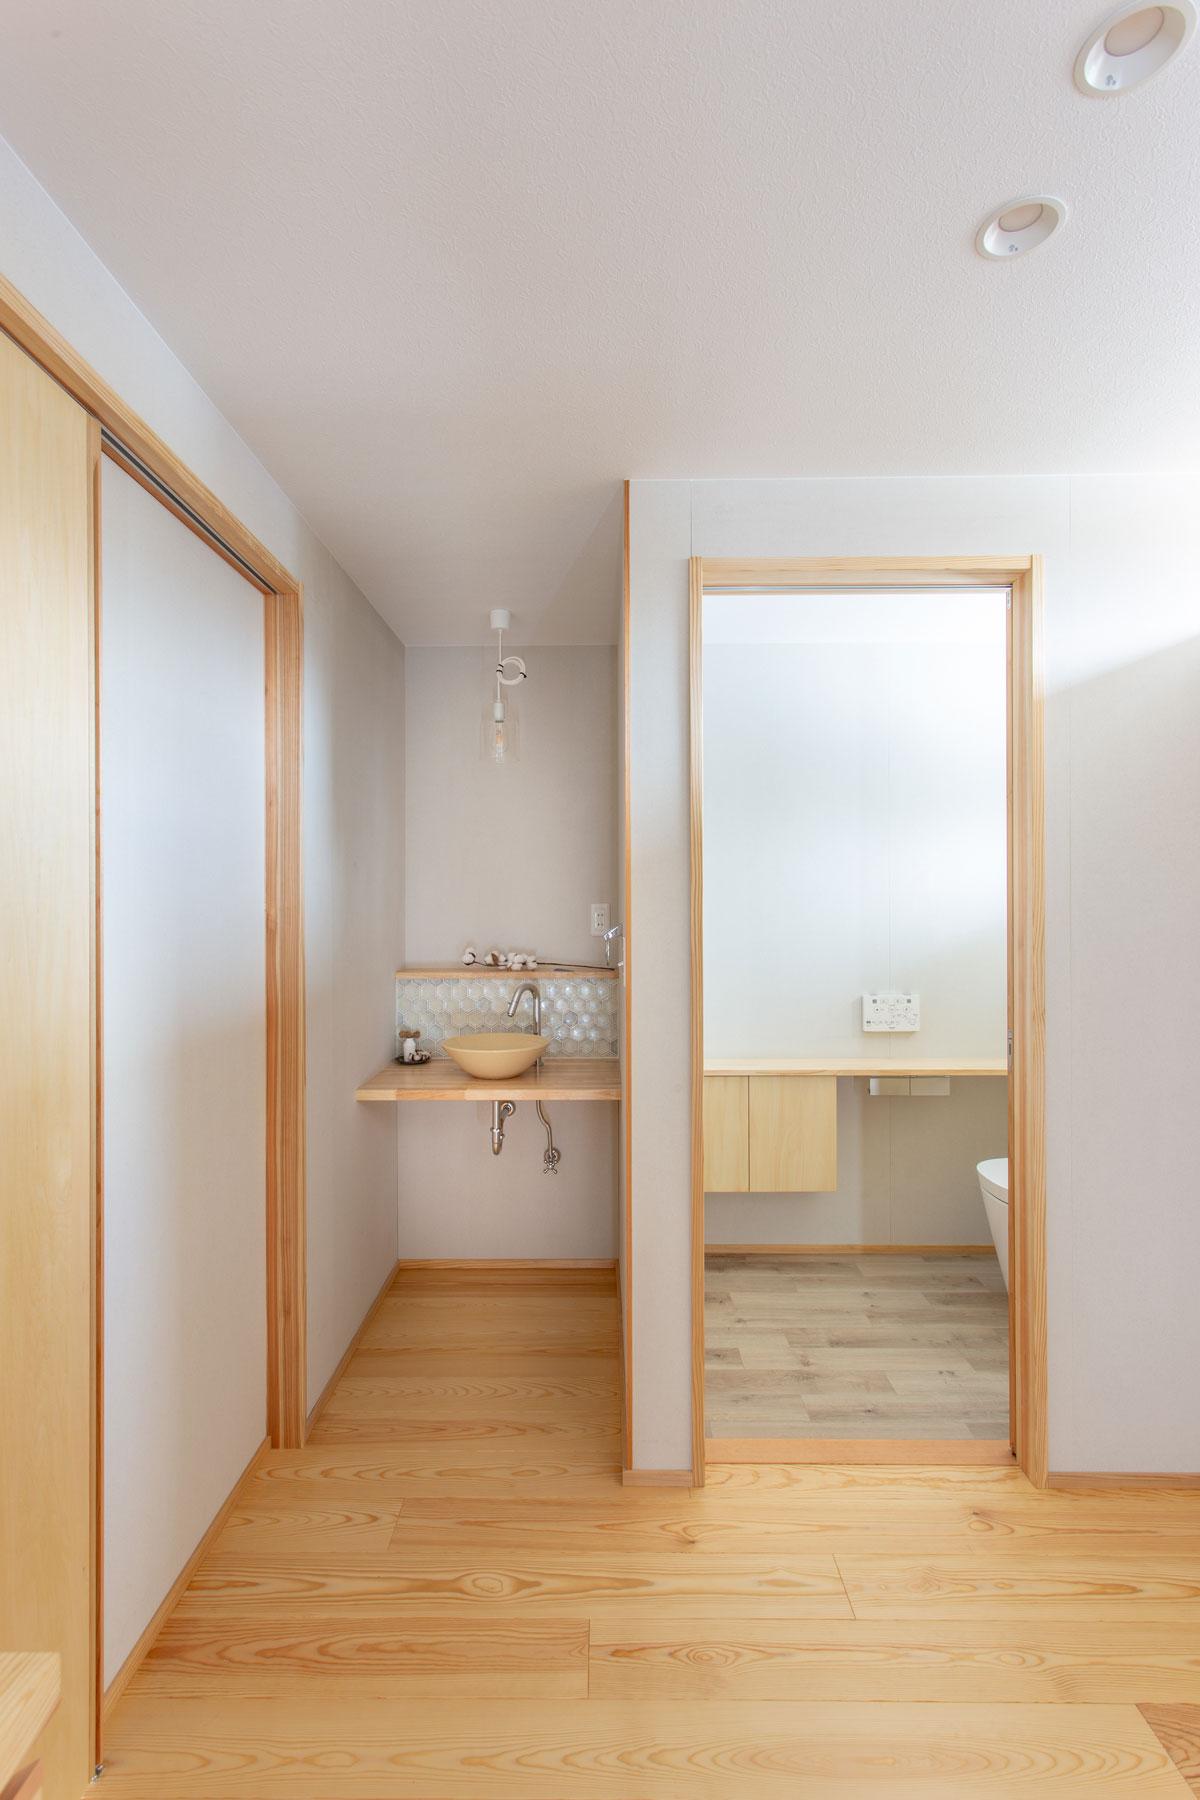 使い勝手の良い導線のトイレ